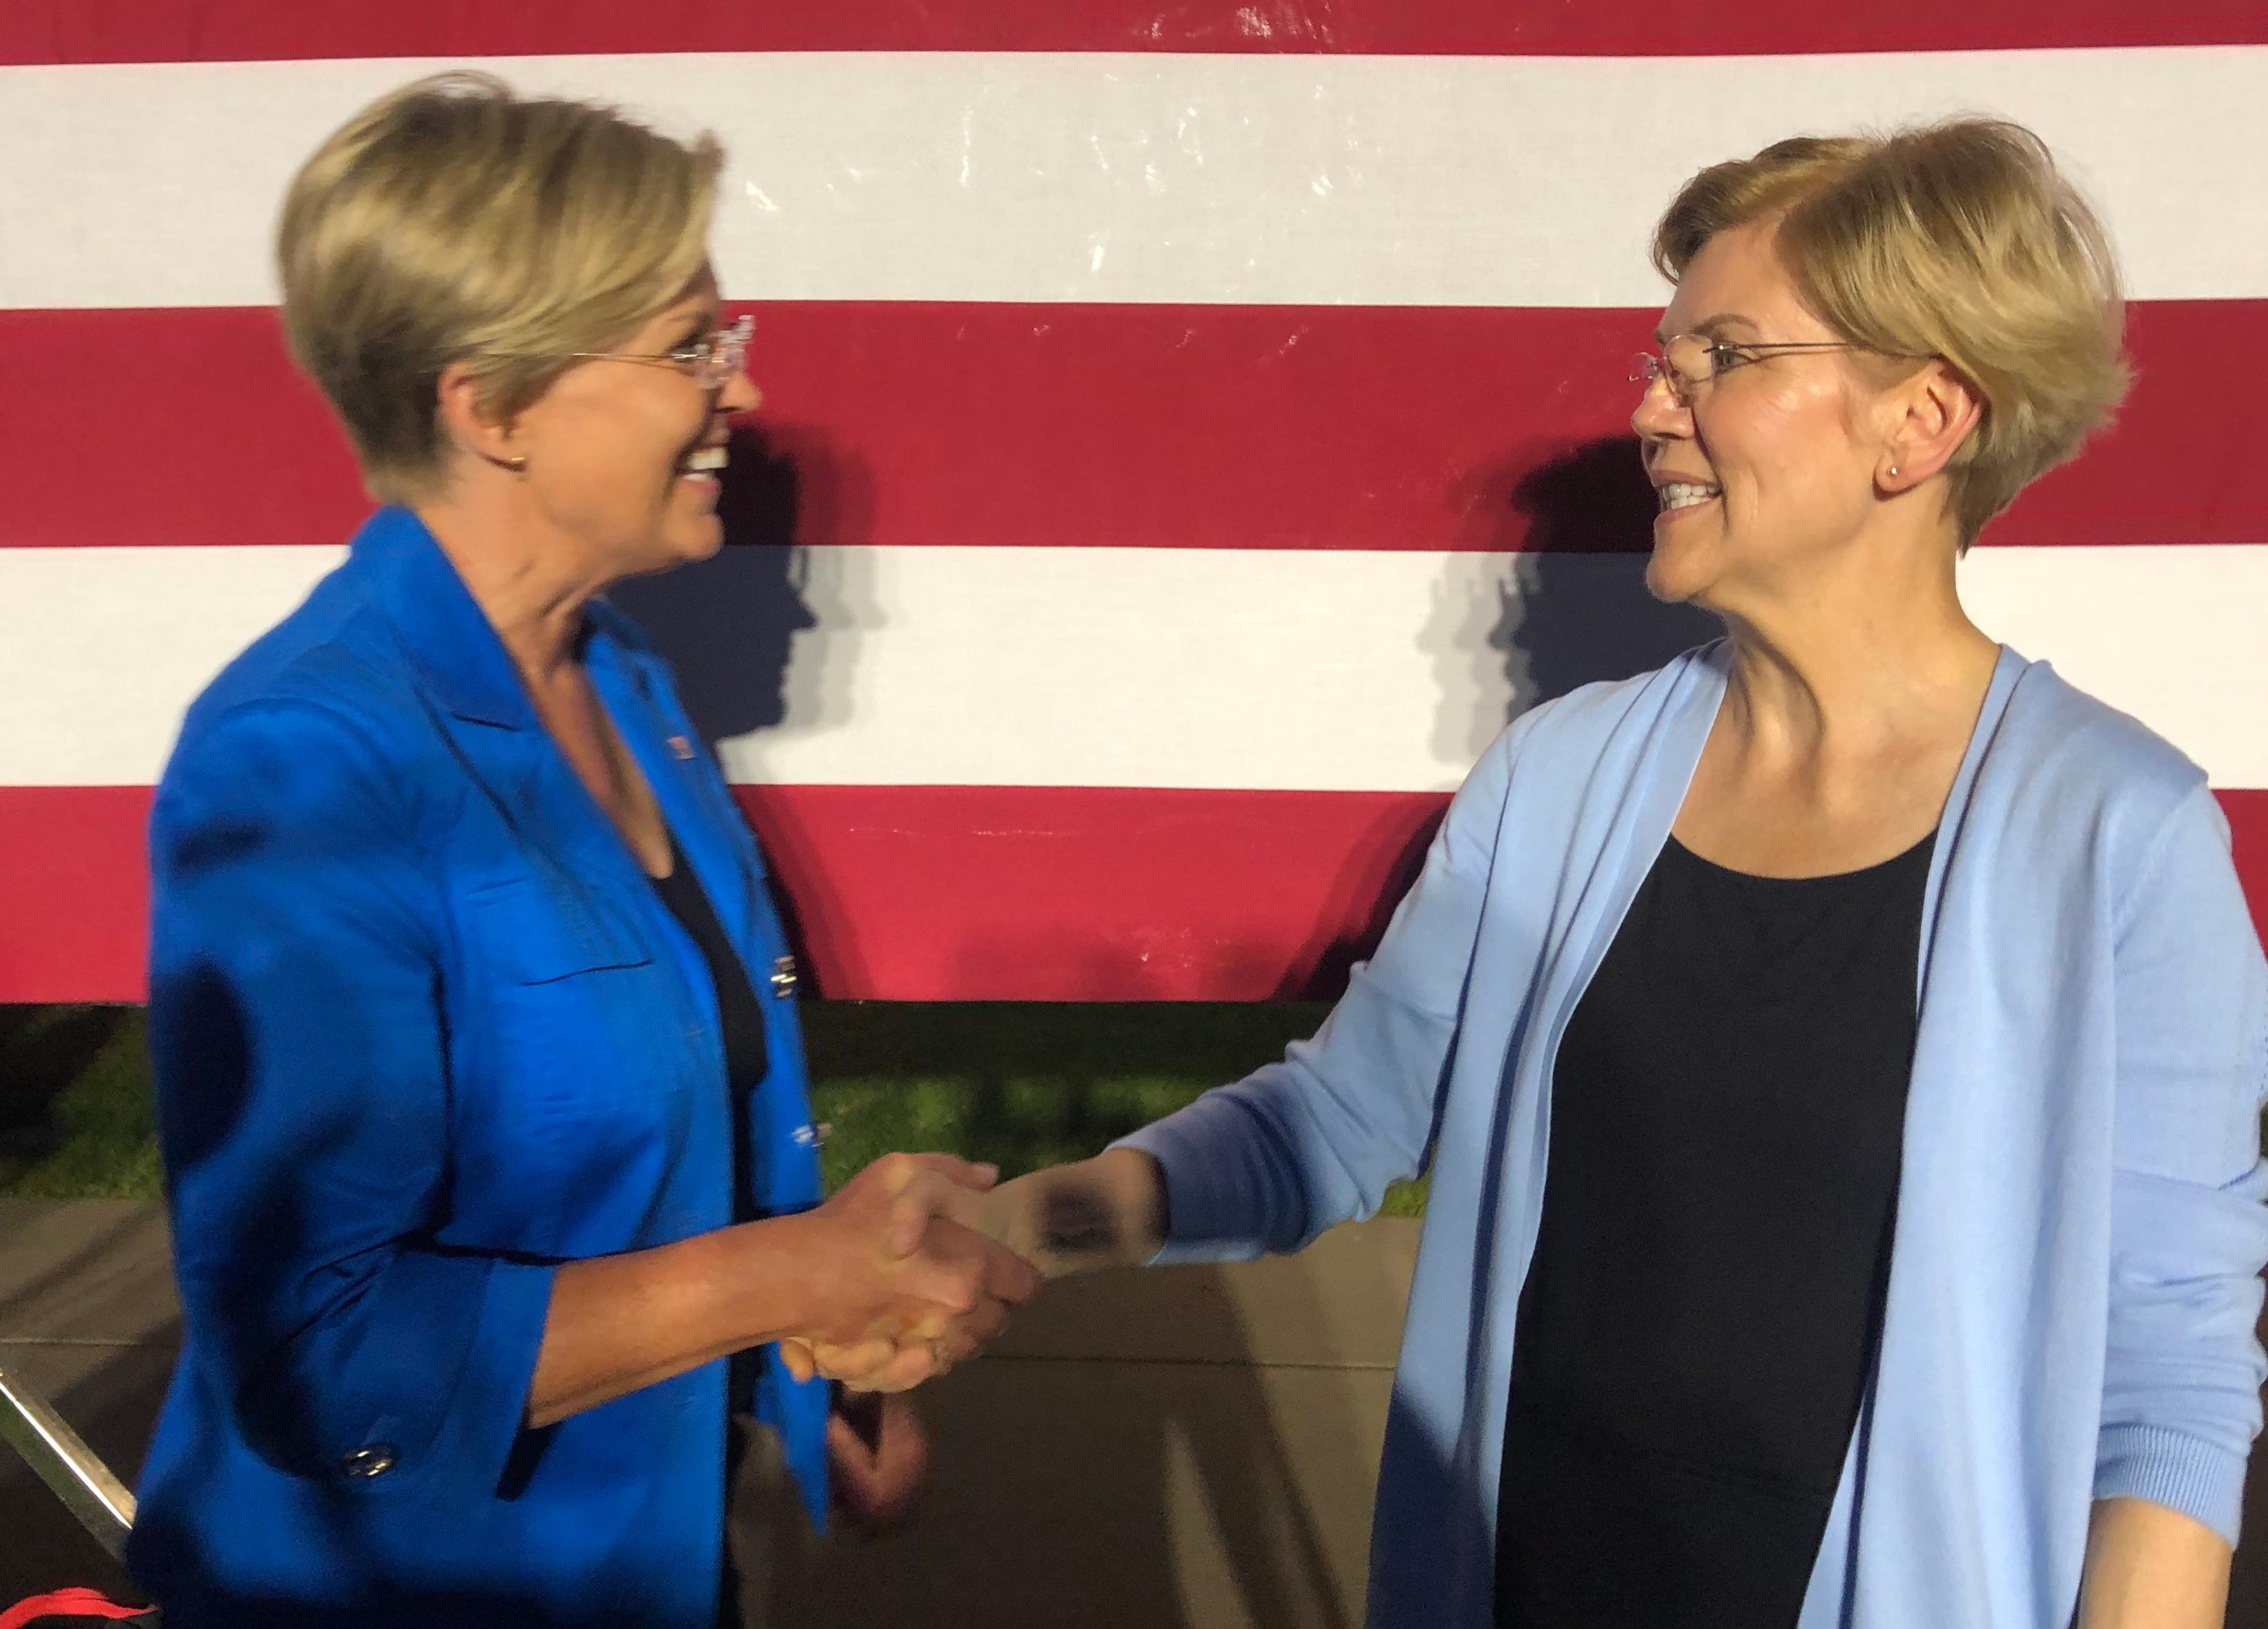 Elizabeth Warren met her doppelganger in Minnesota last night